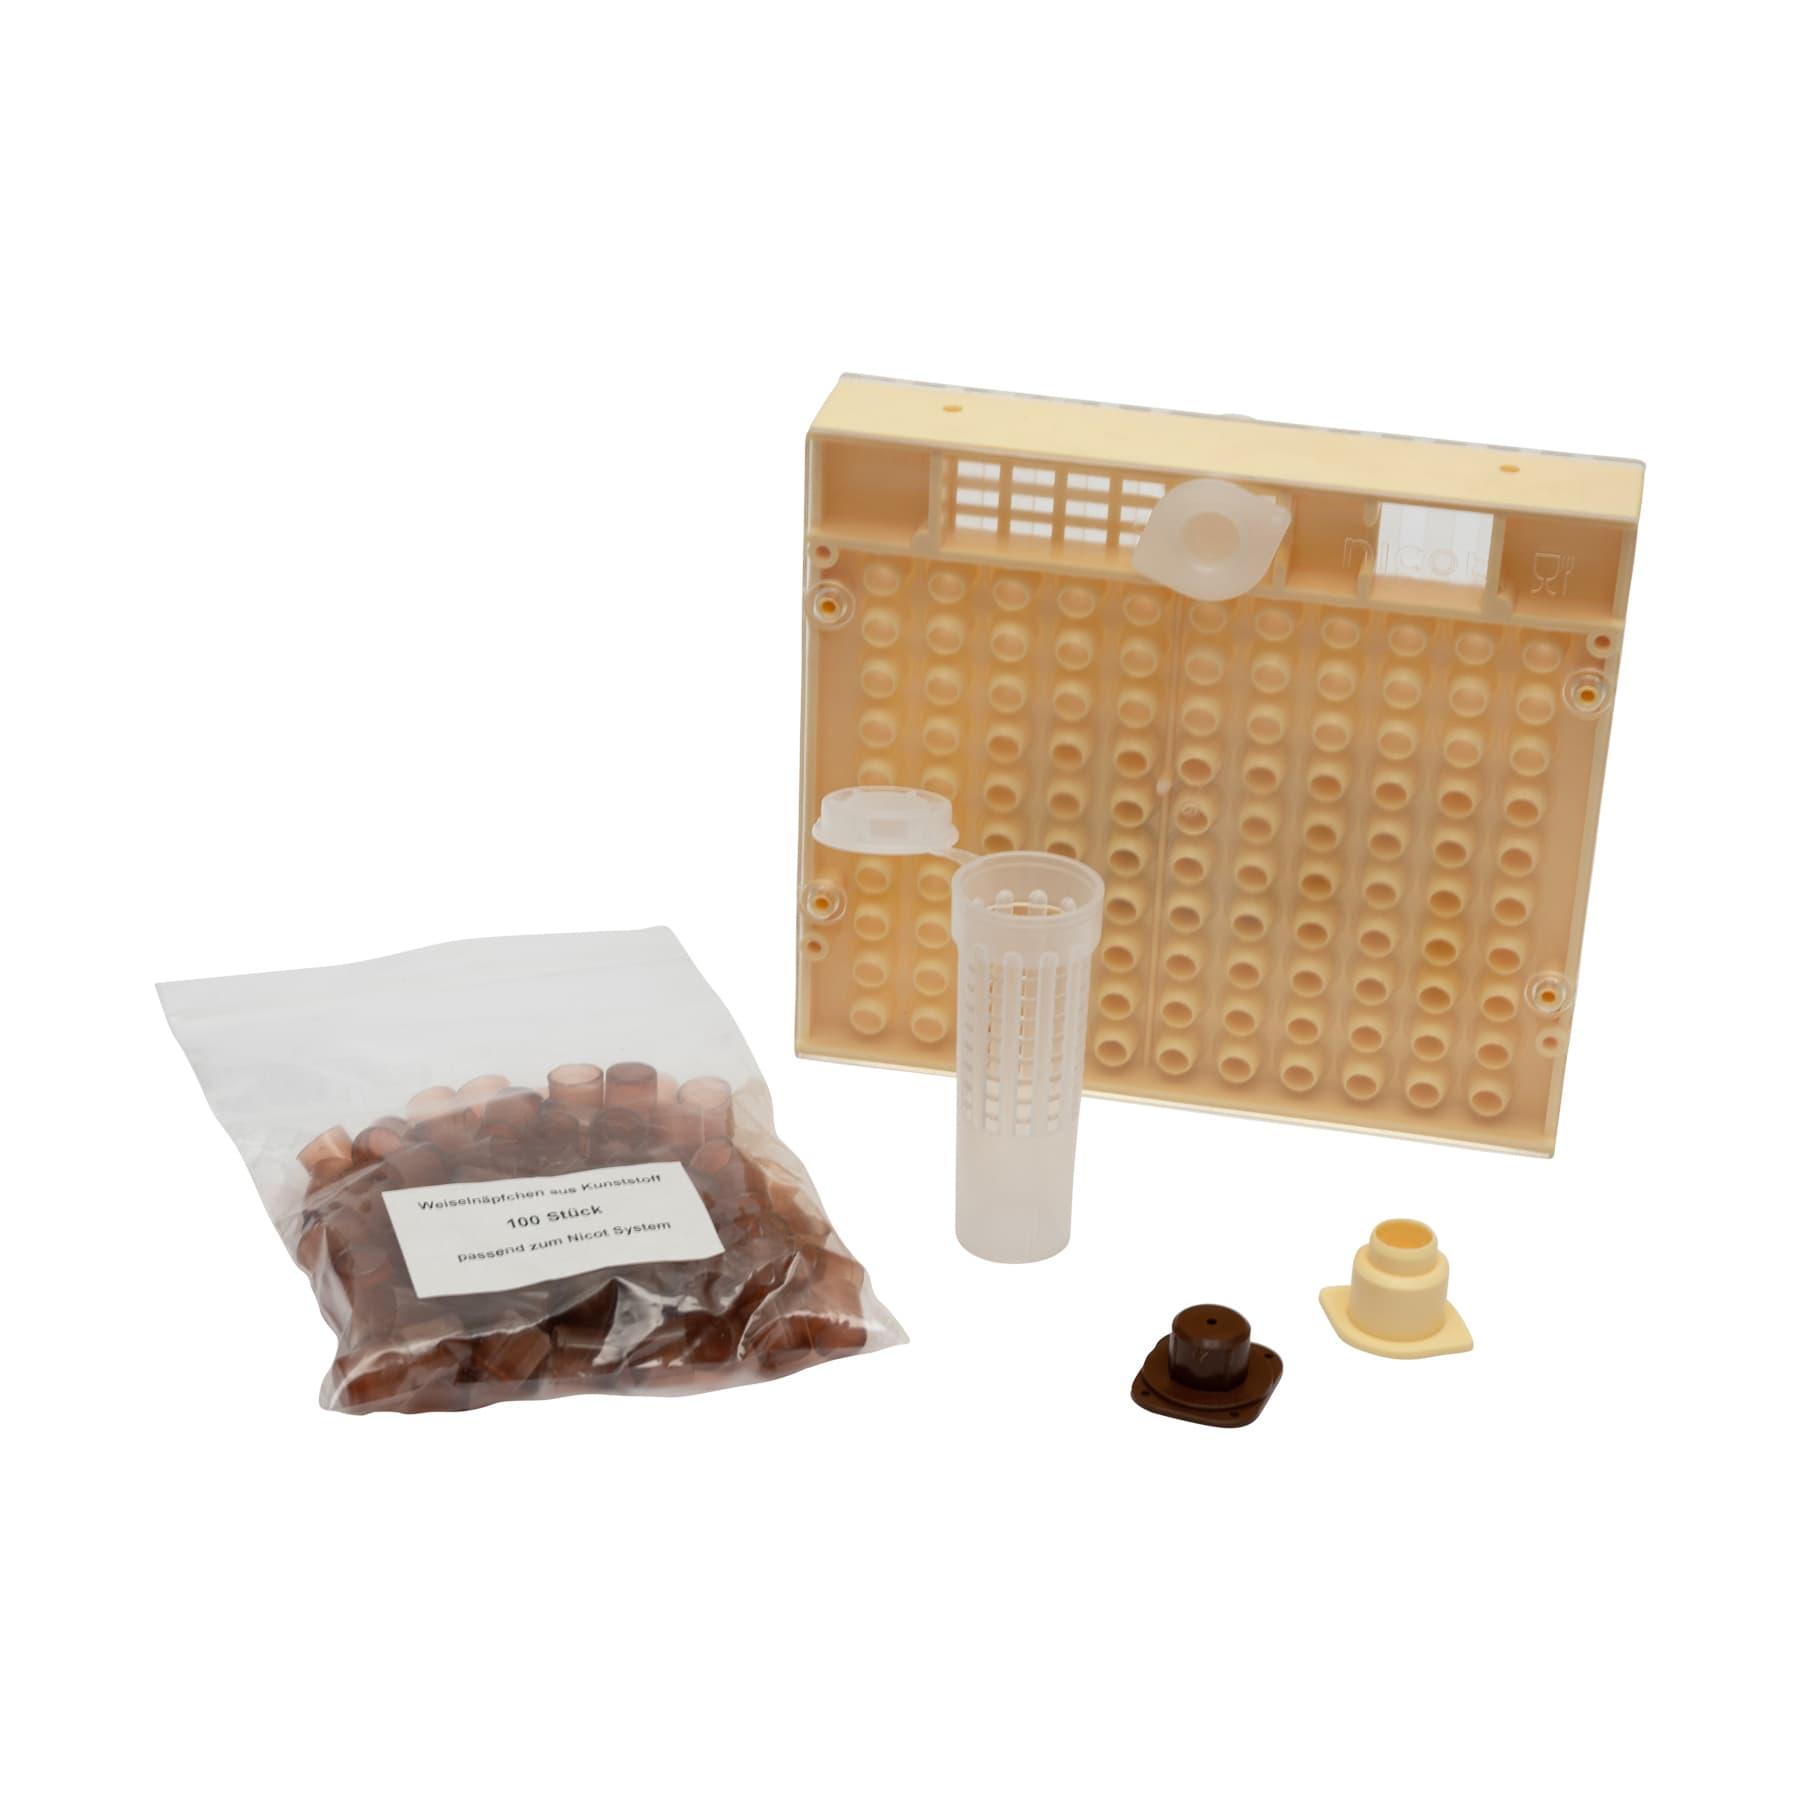 Nicot (NC) Zuchtsystem kompl., aus Zuchtkasette, 100 Weiselnäpfchen, 30 Sockel, 30 Napfhalter, 30 Schlupfkäfigen